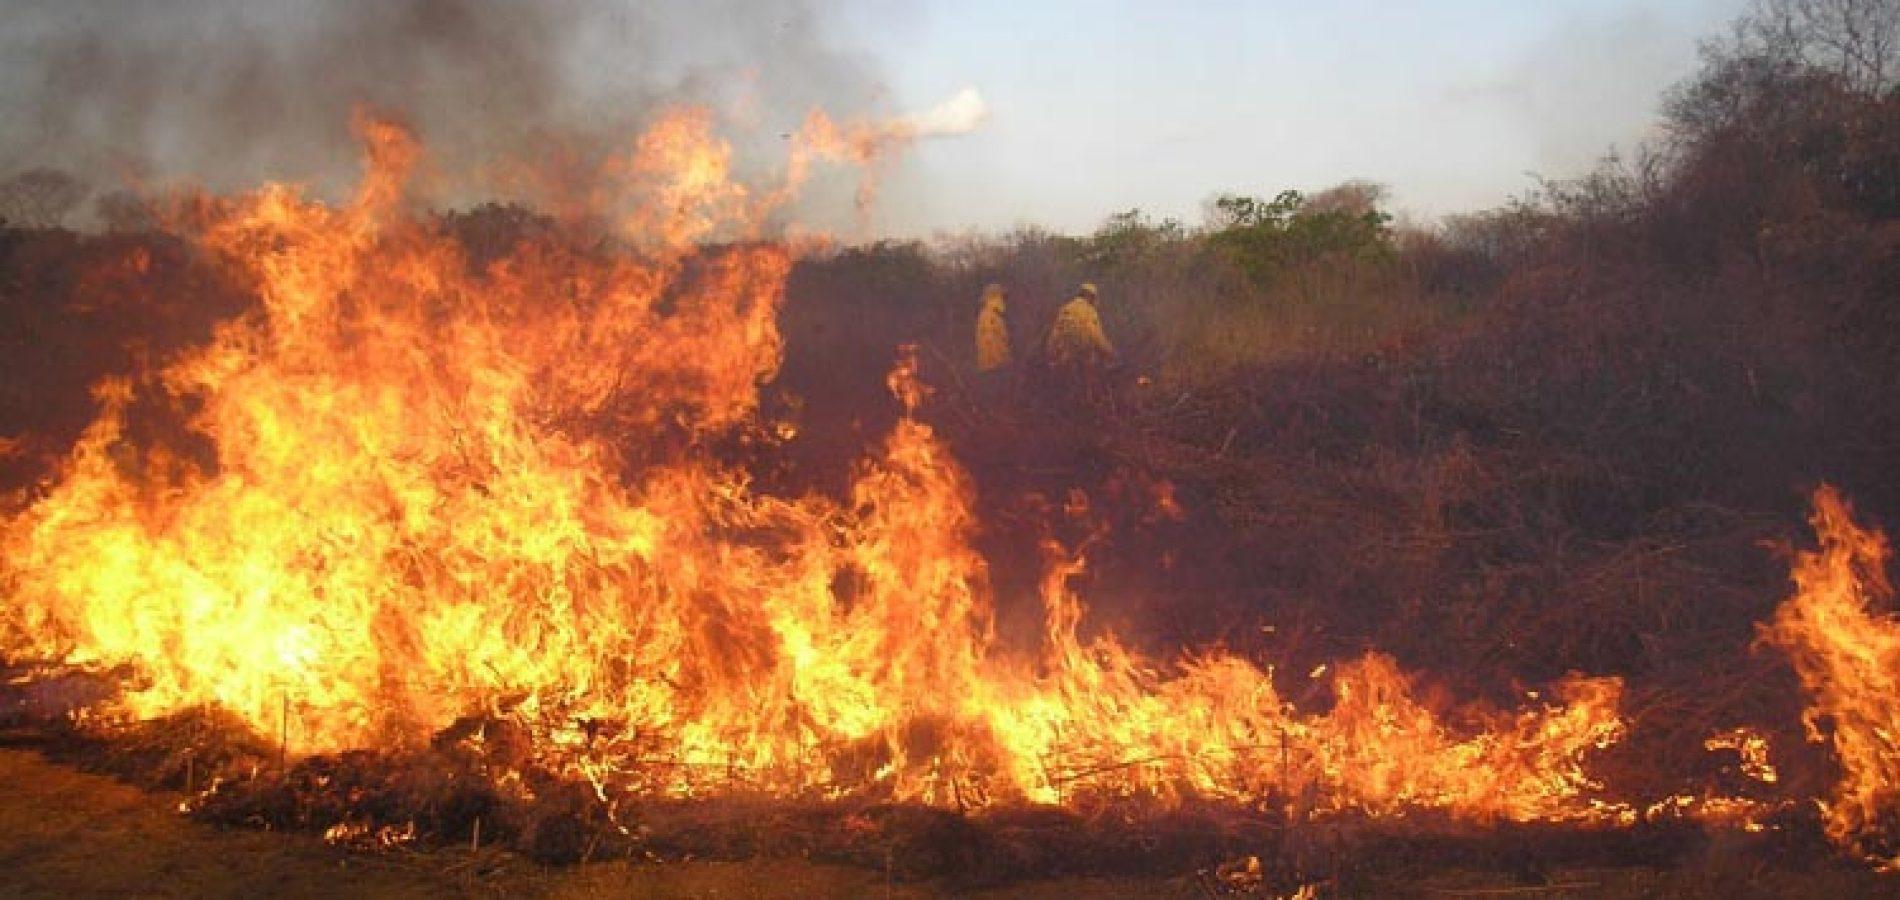 Dez municípios apresentam elevado risco de incêndios no Piauí